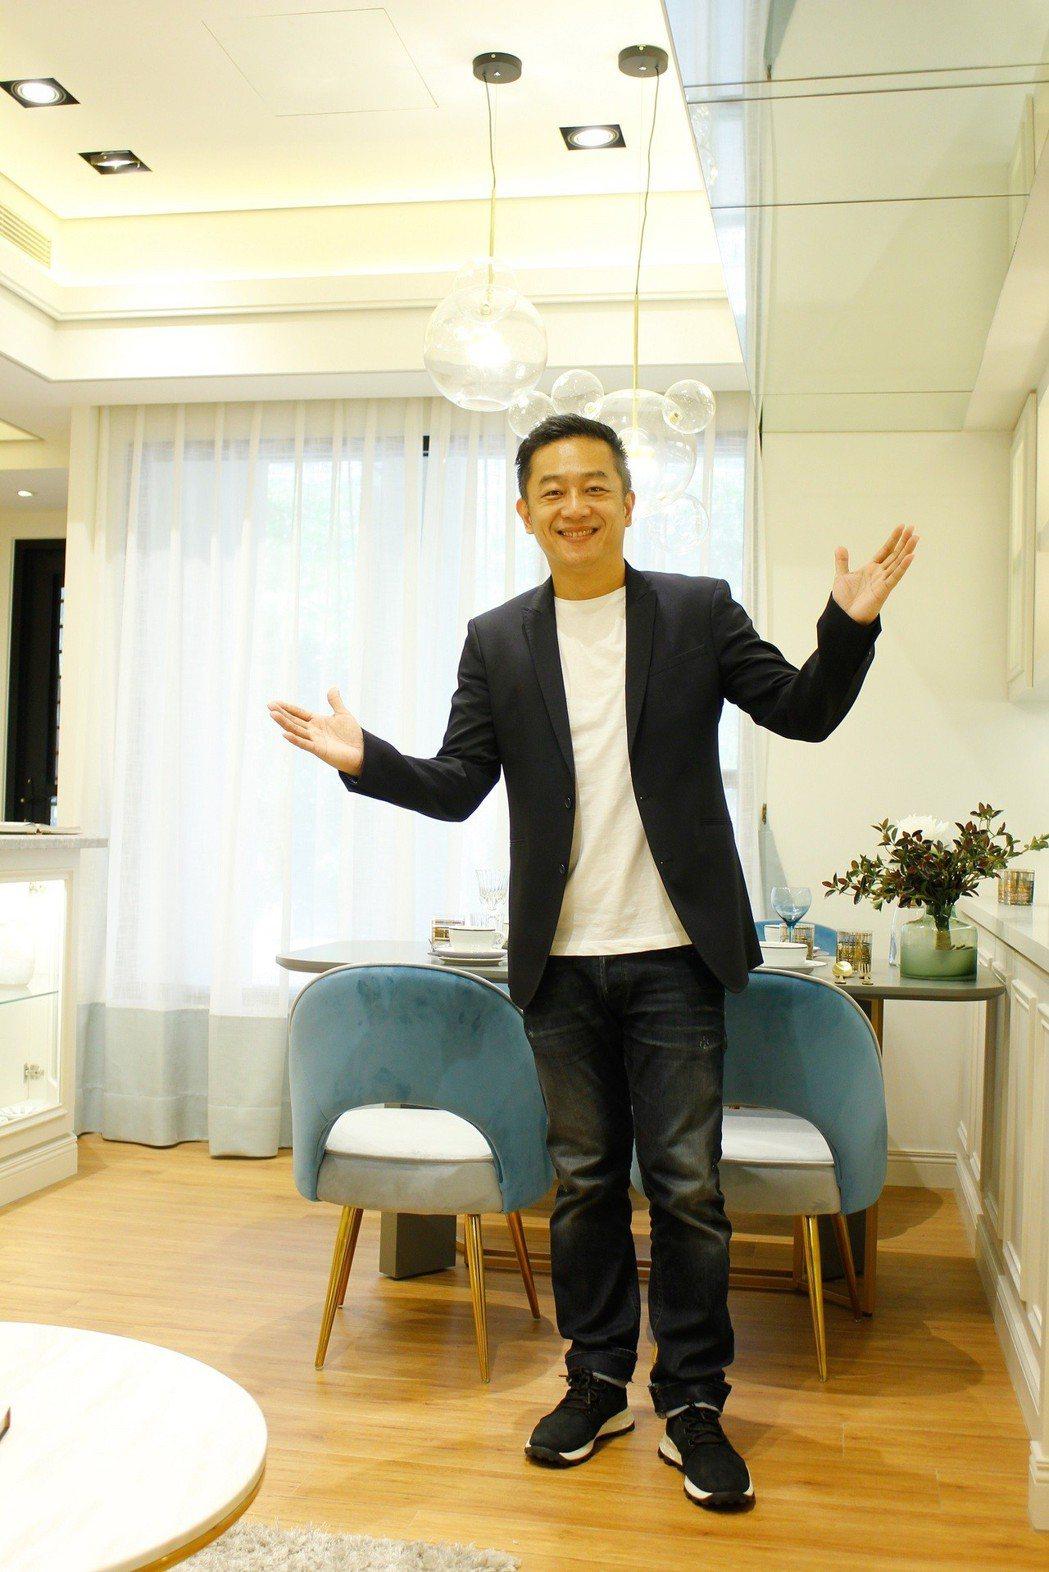 陳昭榮透露與高雄的地緣,未來也考慮在當地置產。圖/翰成數位直播提供